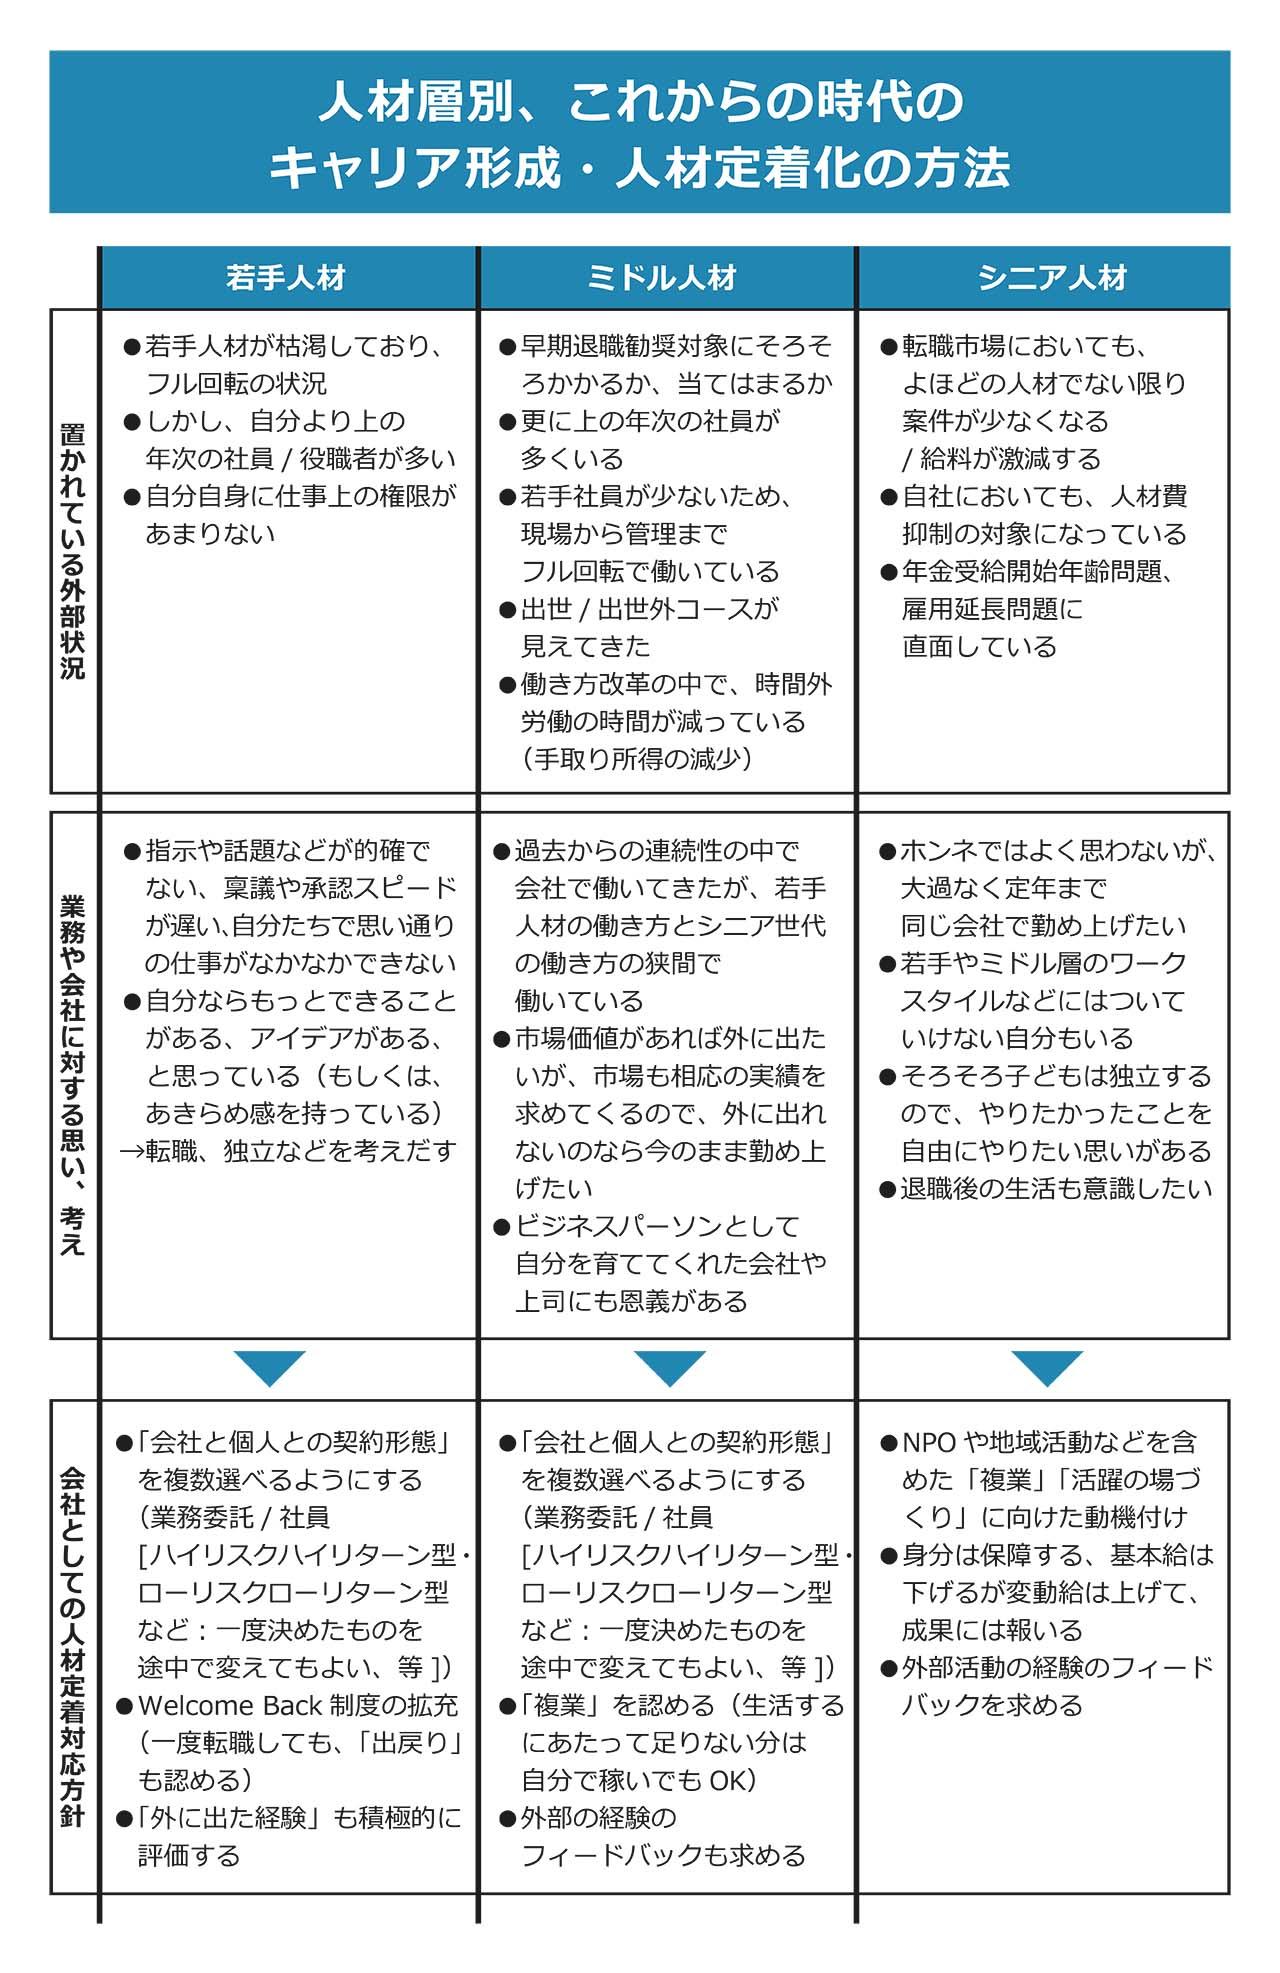 図5:人材層別、これからの時代のキャリア形成・人材定着化方法